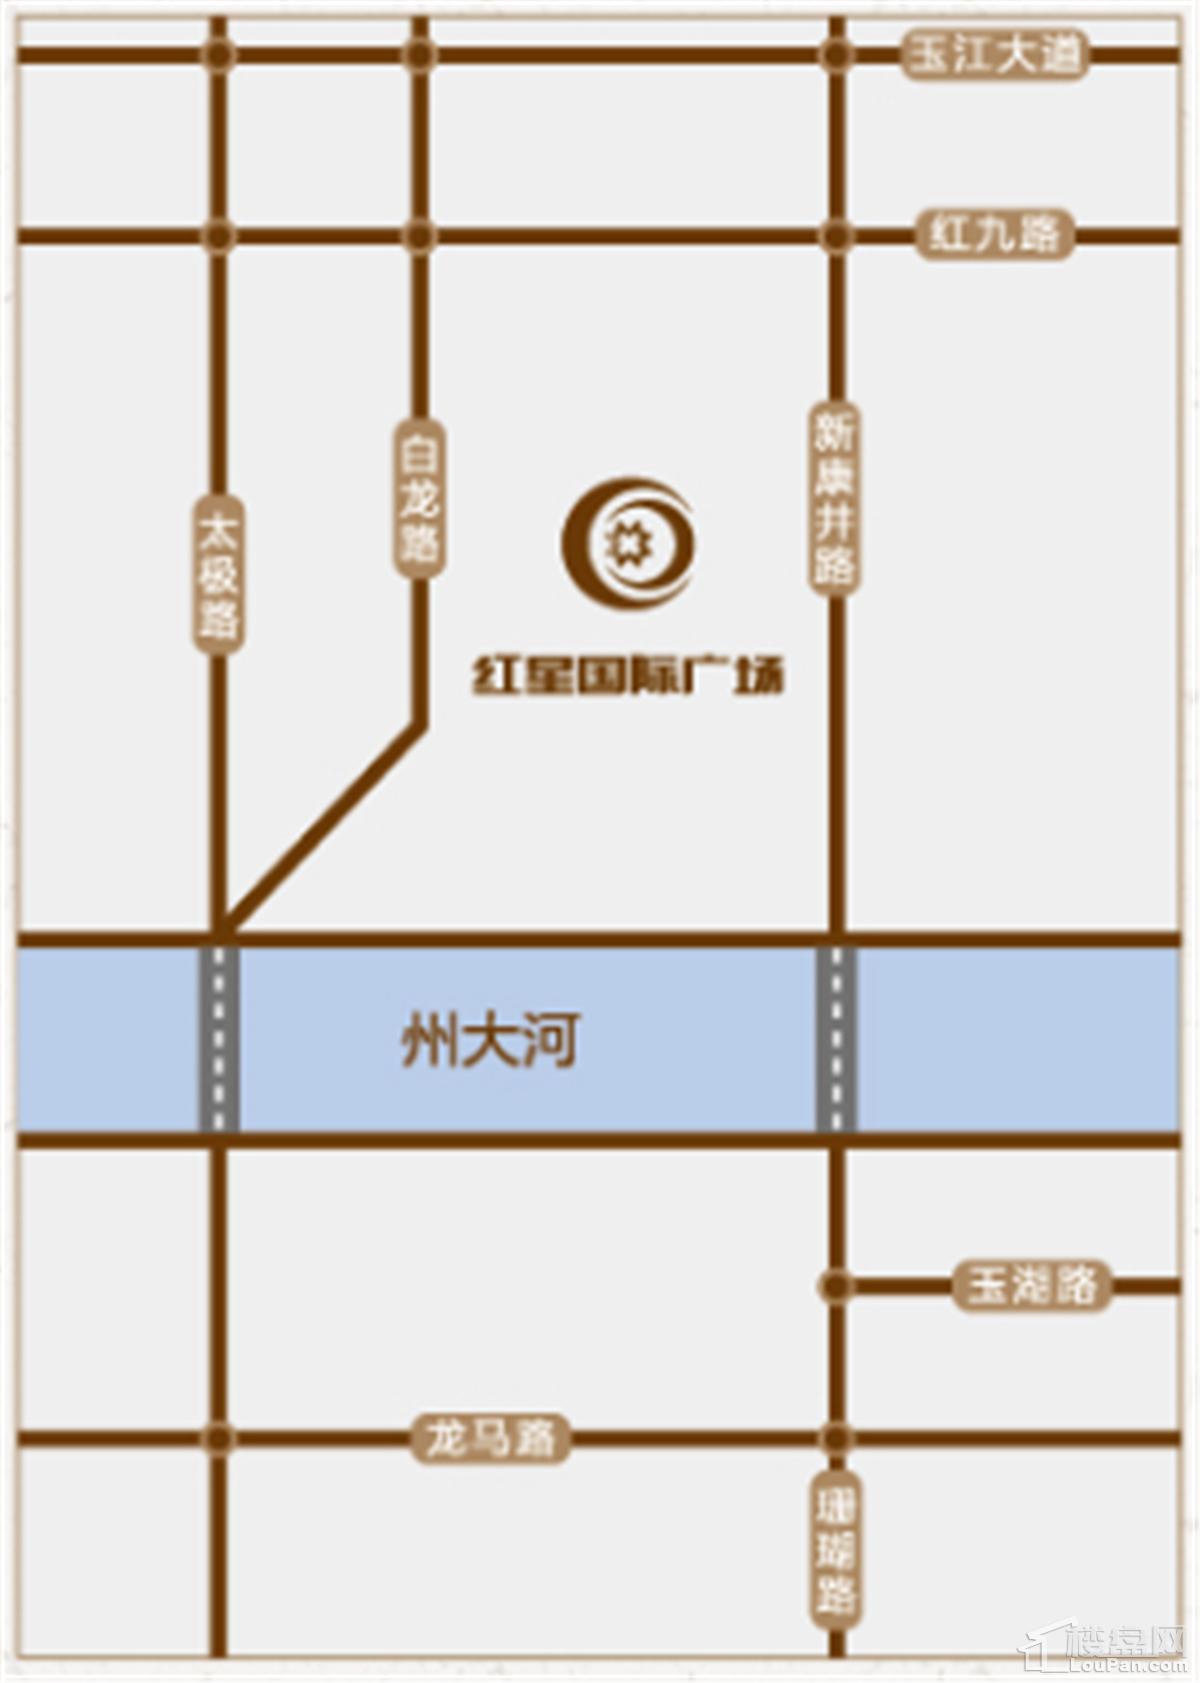 玉溪红星国际广场位置图